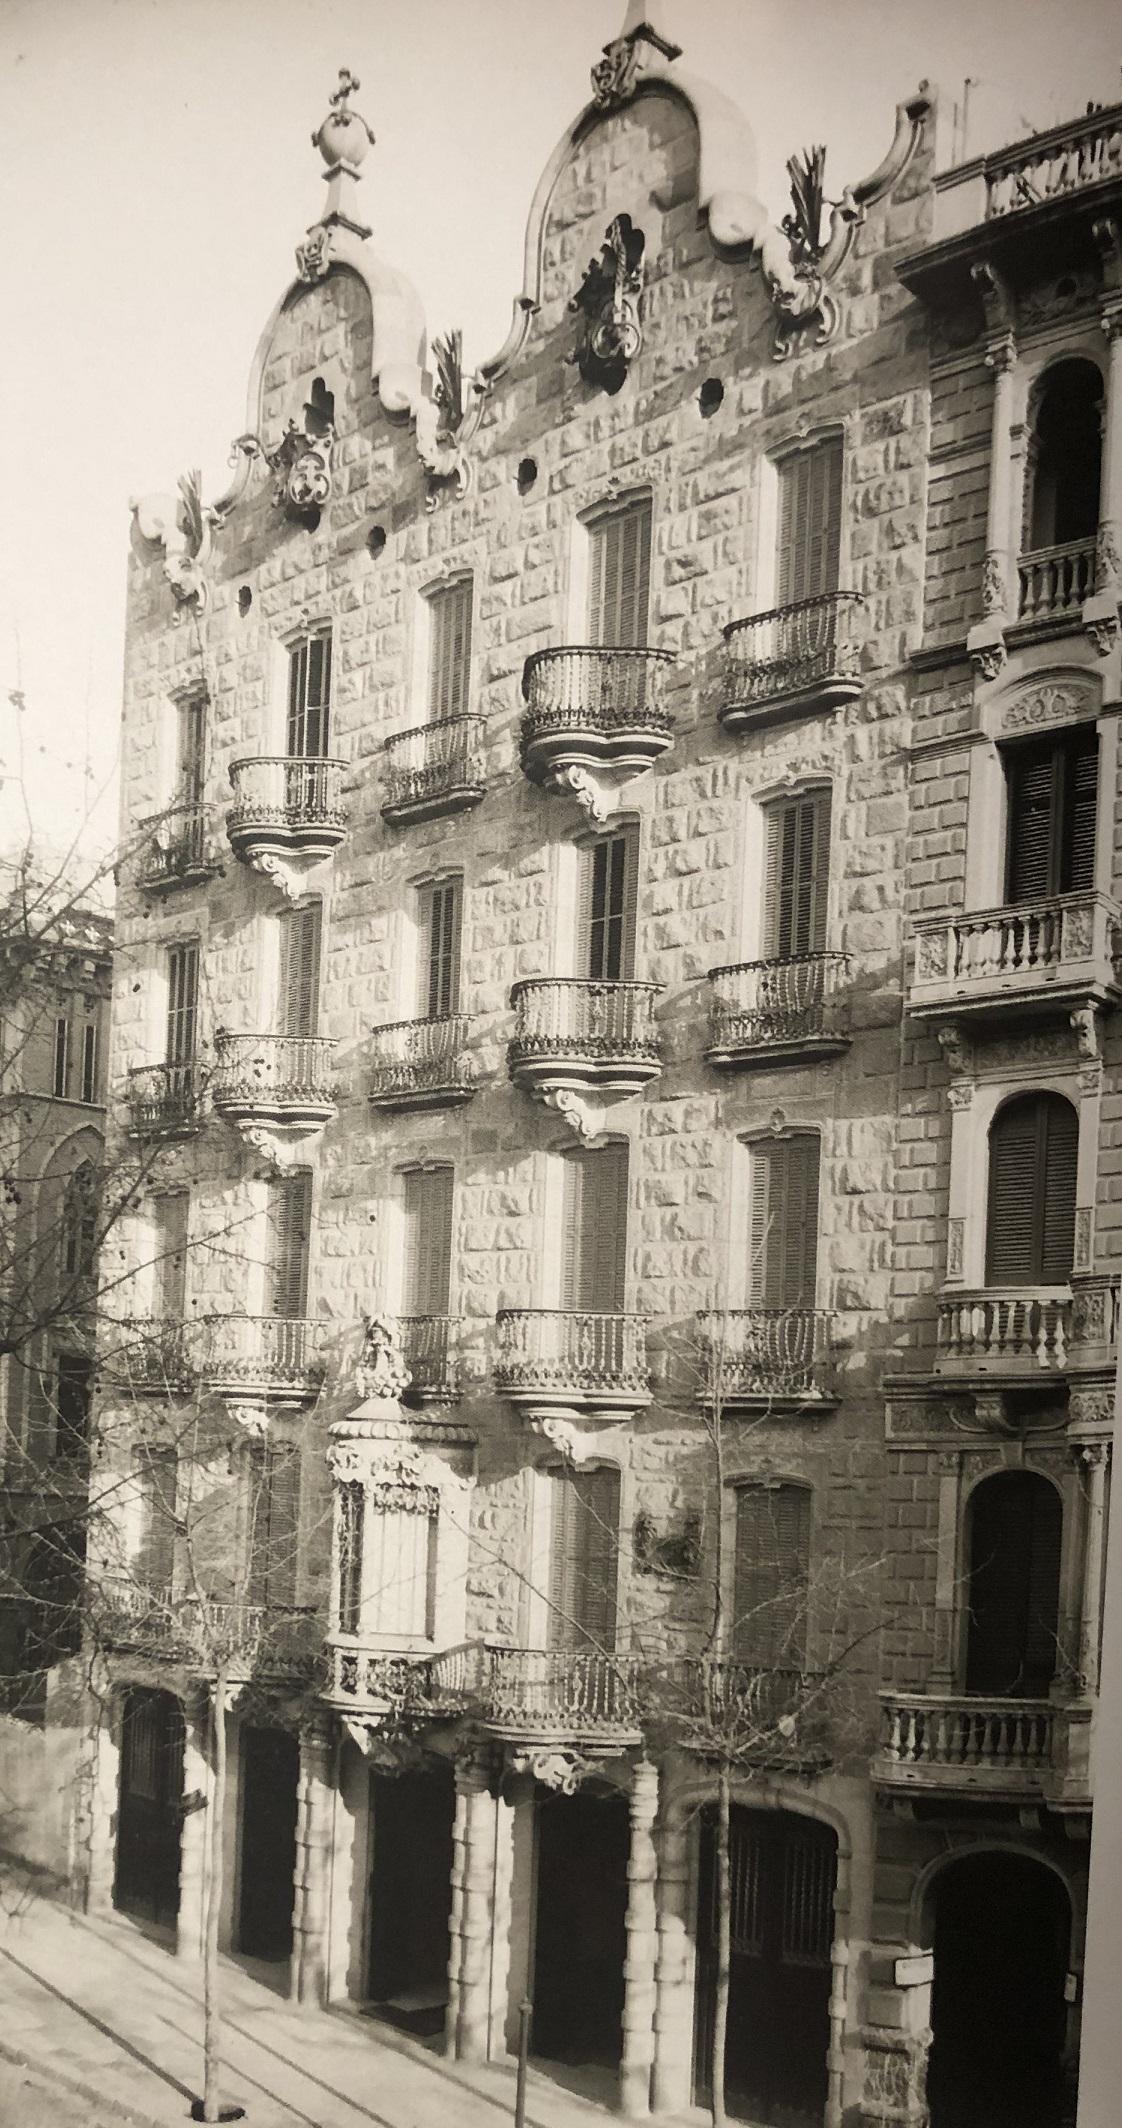 La casa Calvet y Gaudí